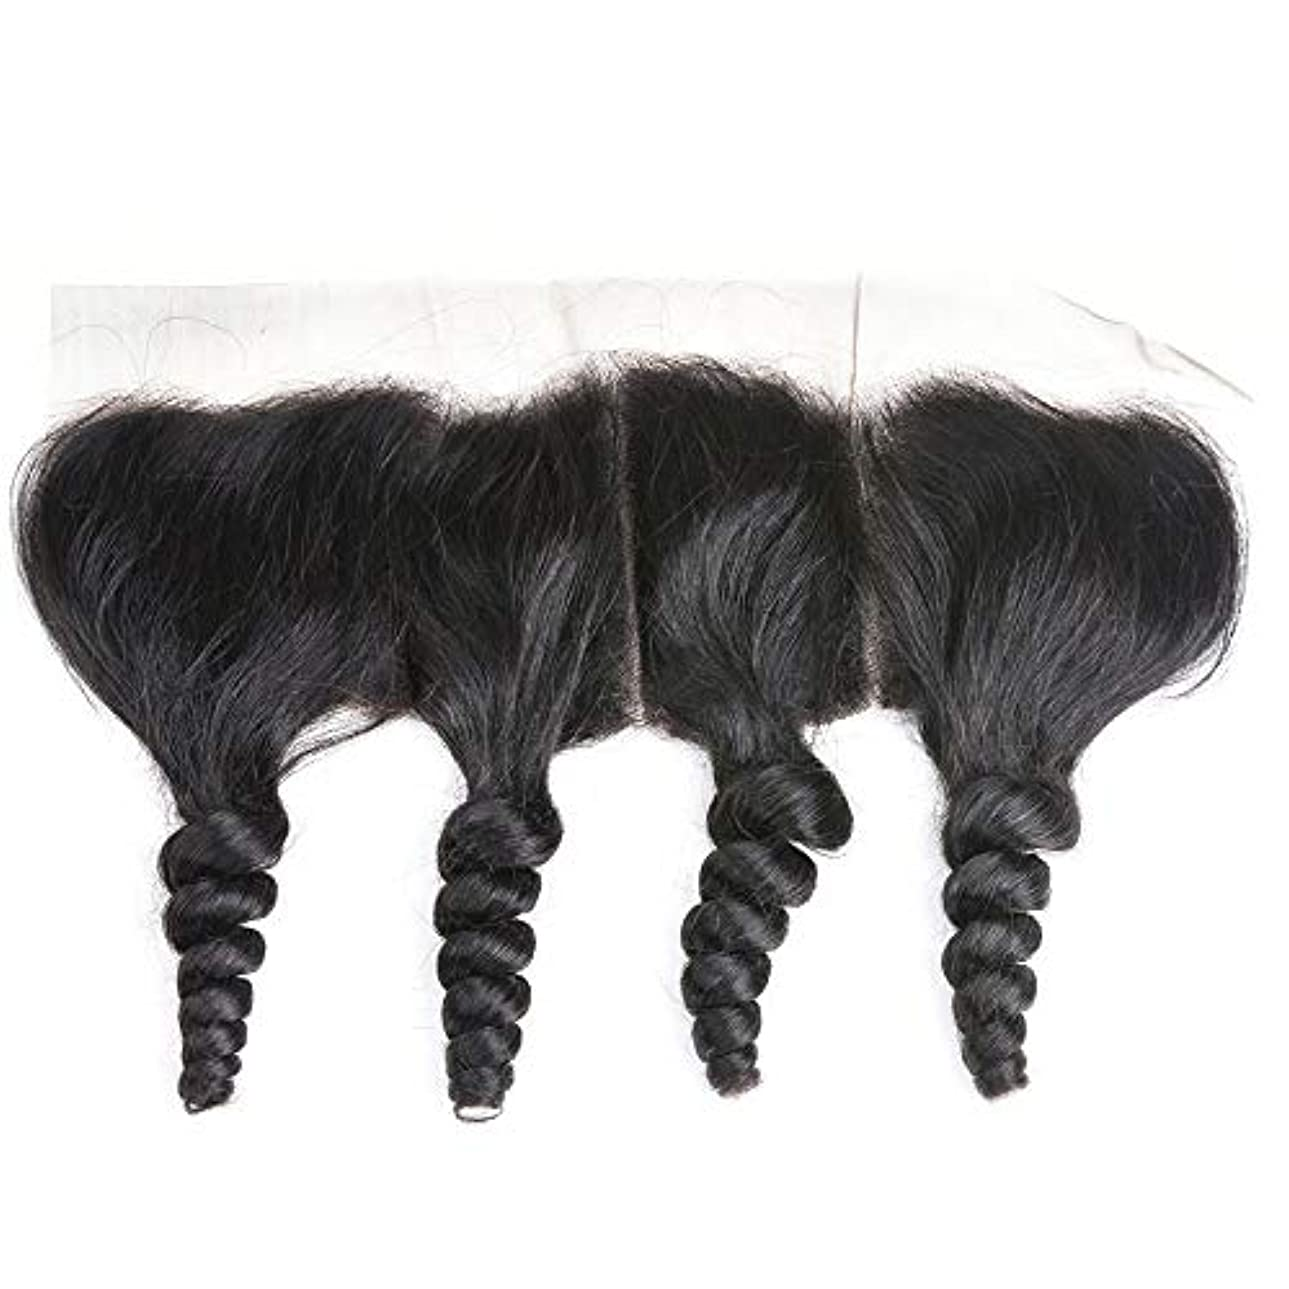 石鹸レンチ混乱WASAIO ブラジルの人間の髪の毛のレースの正面閉鎖ルーズウェーブ13 x 4インチレース閉鎖自然色 (色 : 黒, サイズ : 10 inch)